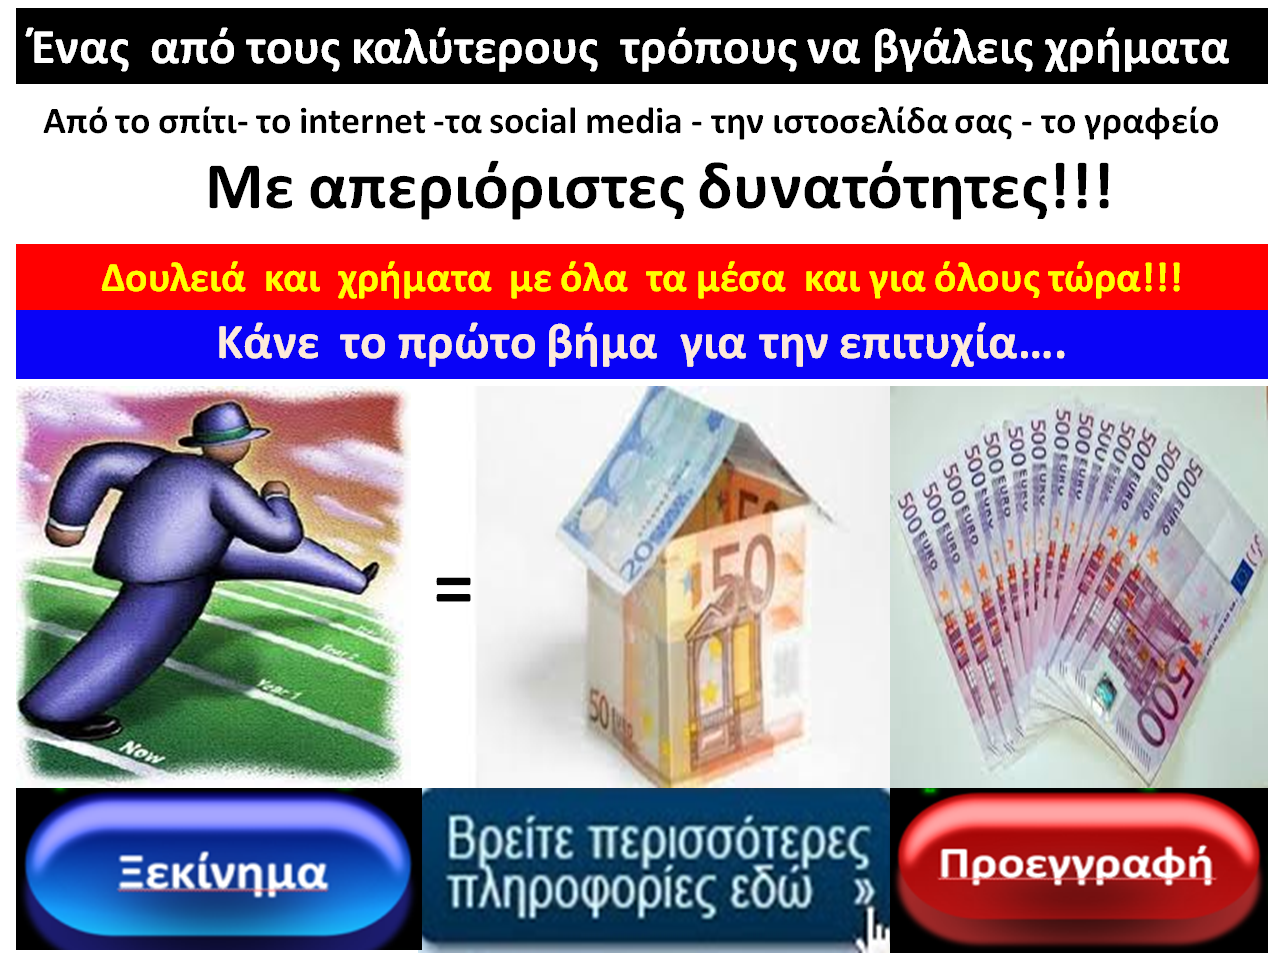 http://ktsokos.olympicidea.com/lcp1/gr/